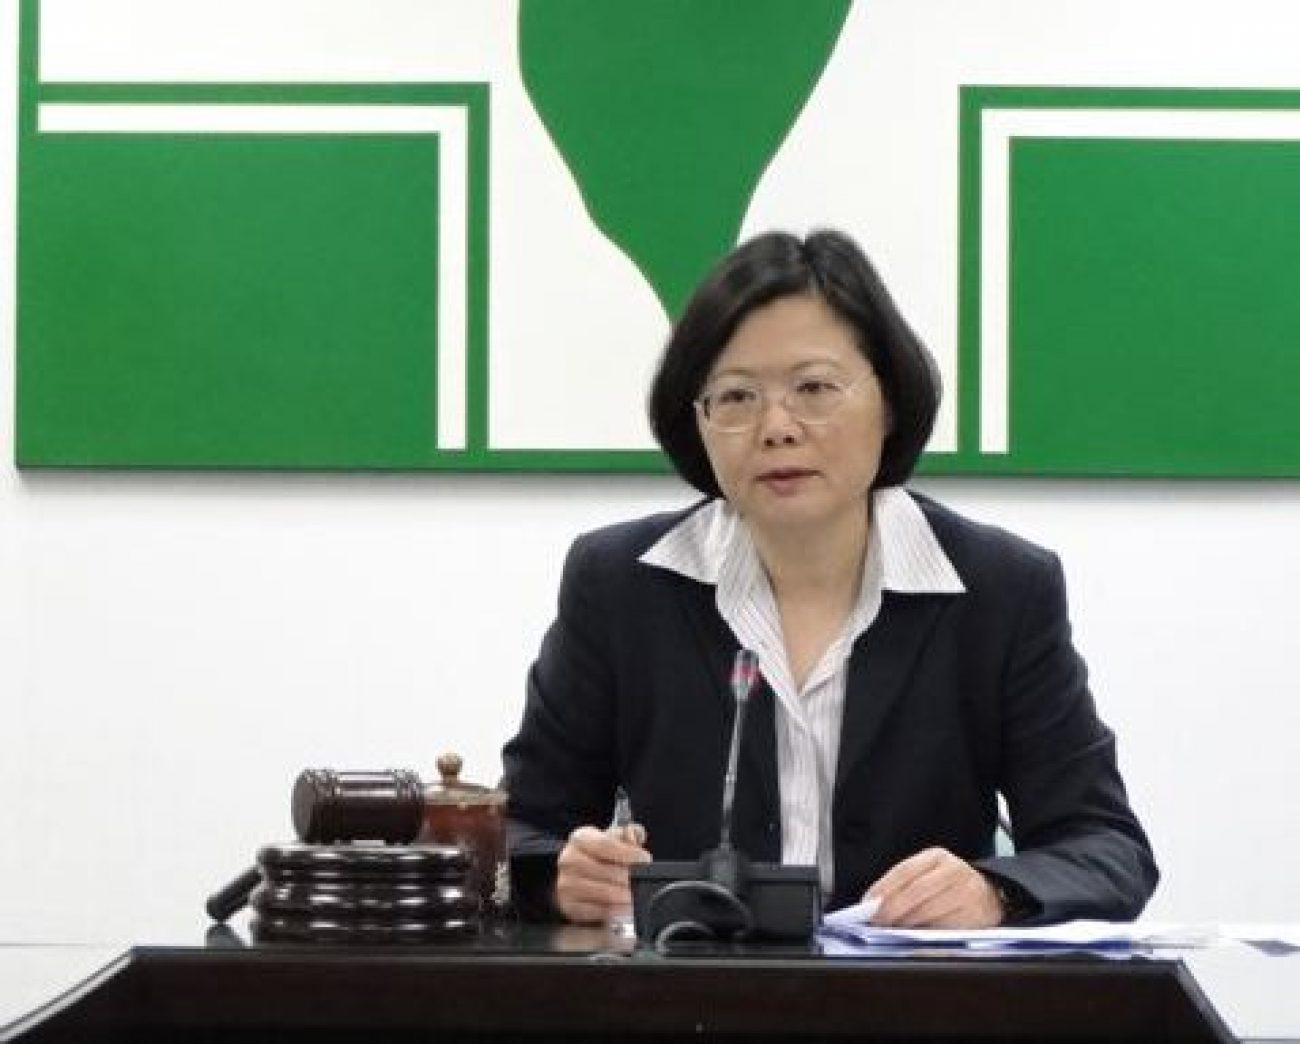 Tsai Taiwan